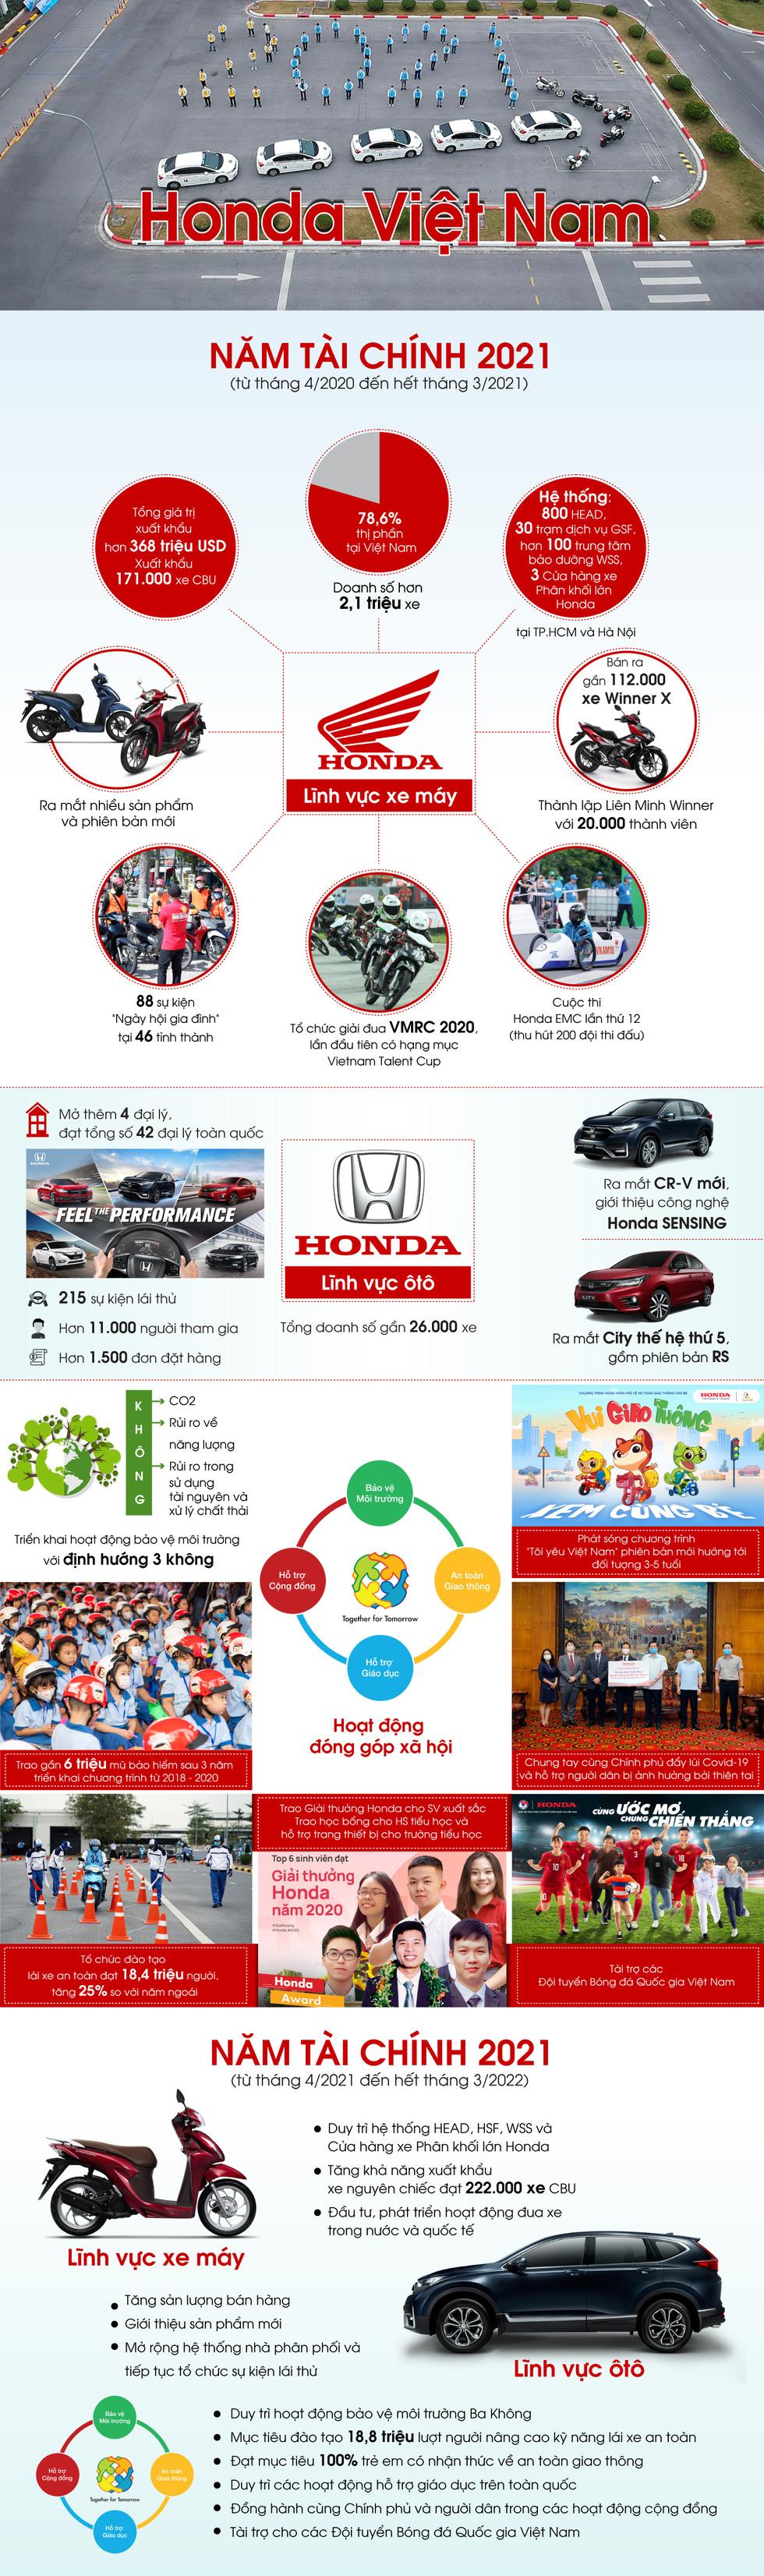 Honda Việt Nam tăng cường hoạt động hỗ trợ cộng đồng - Ảnh 1.